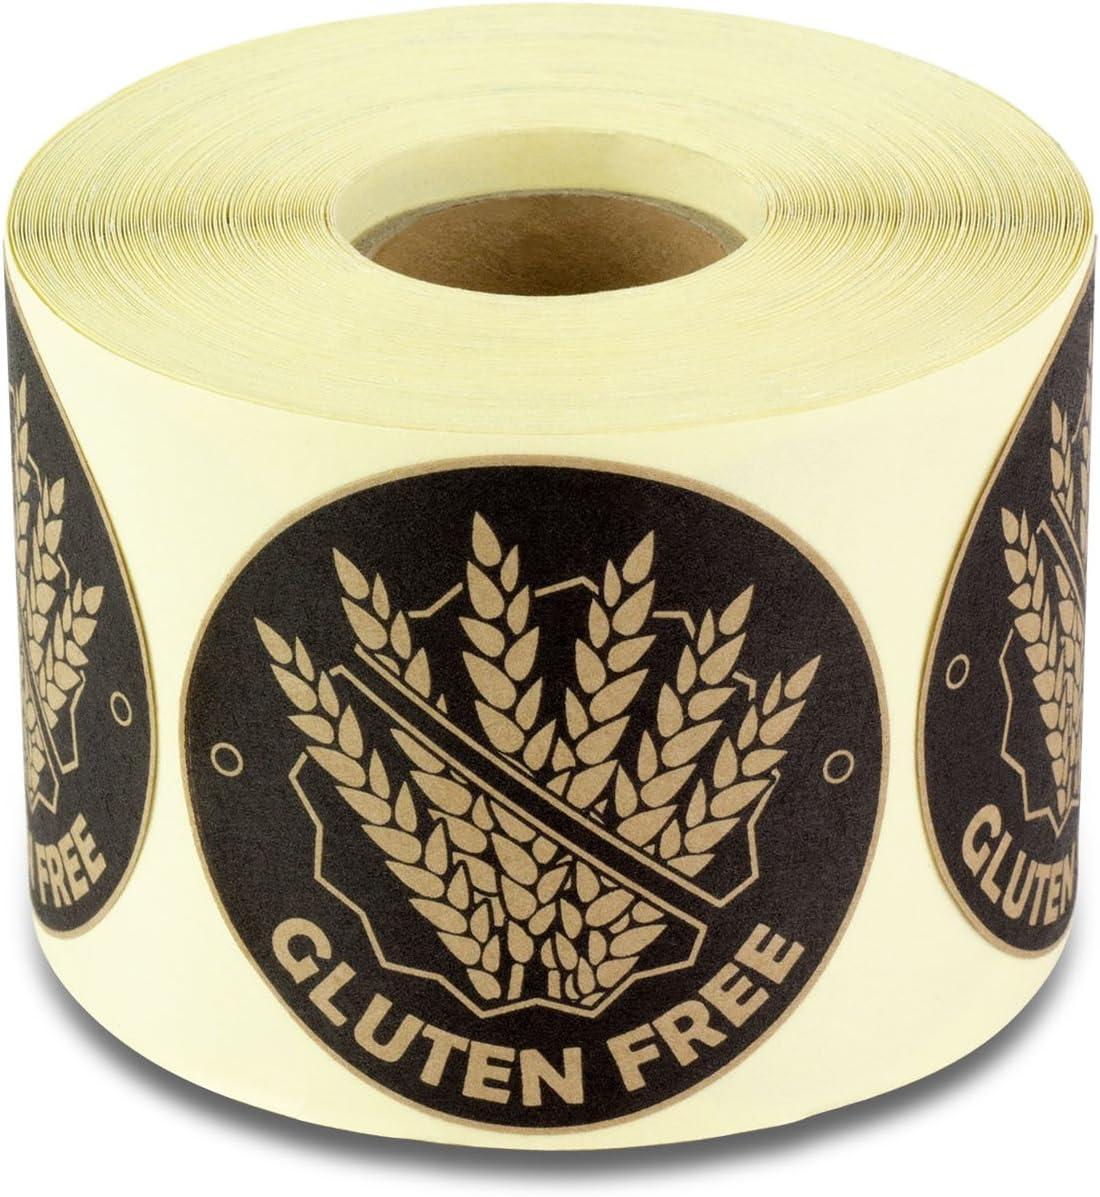 Gluten Free Label 2